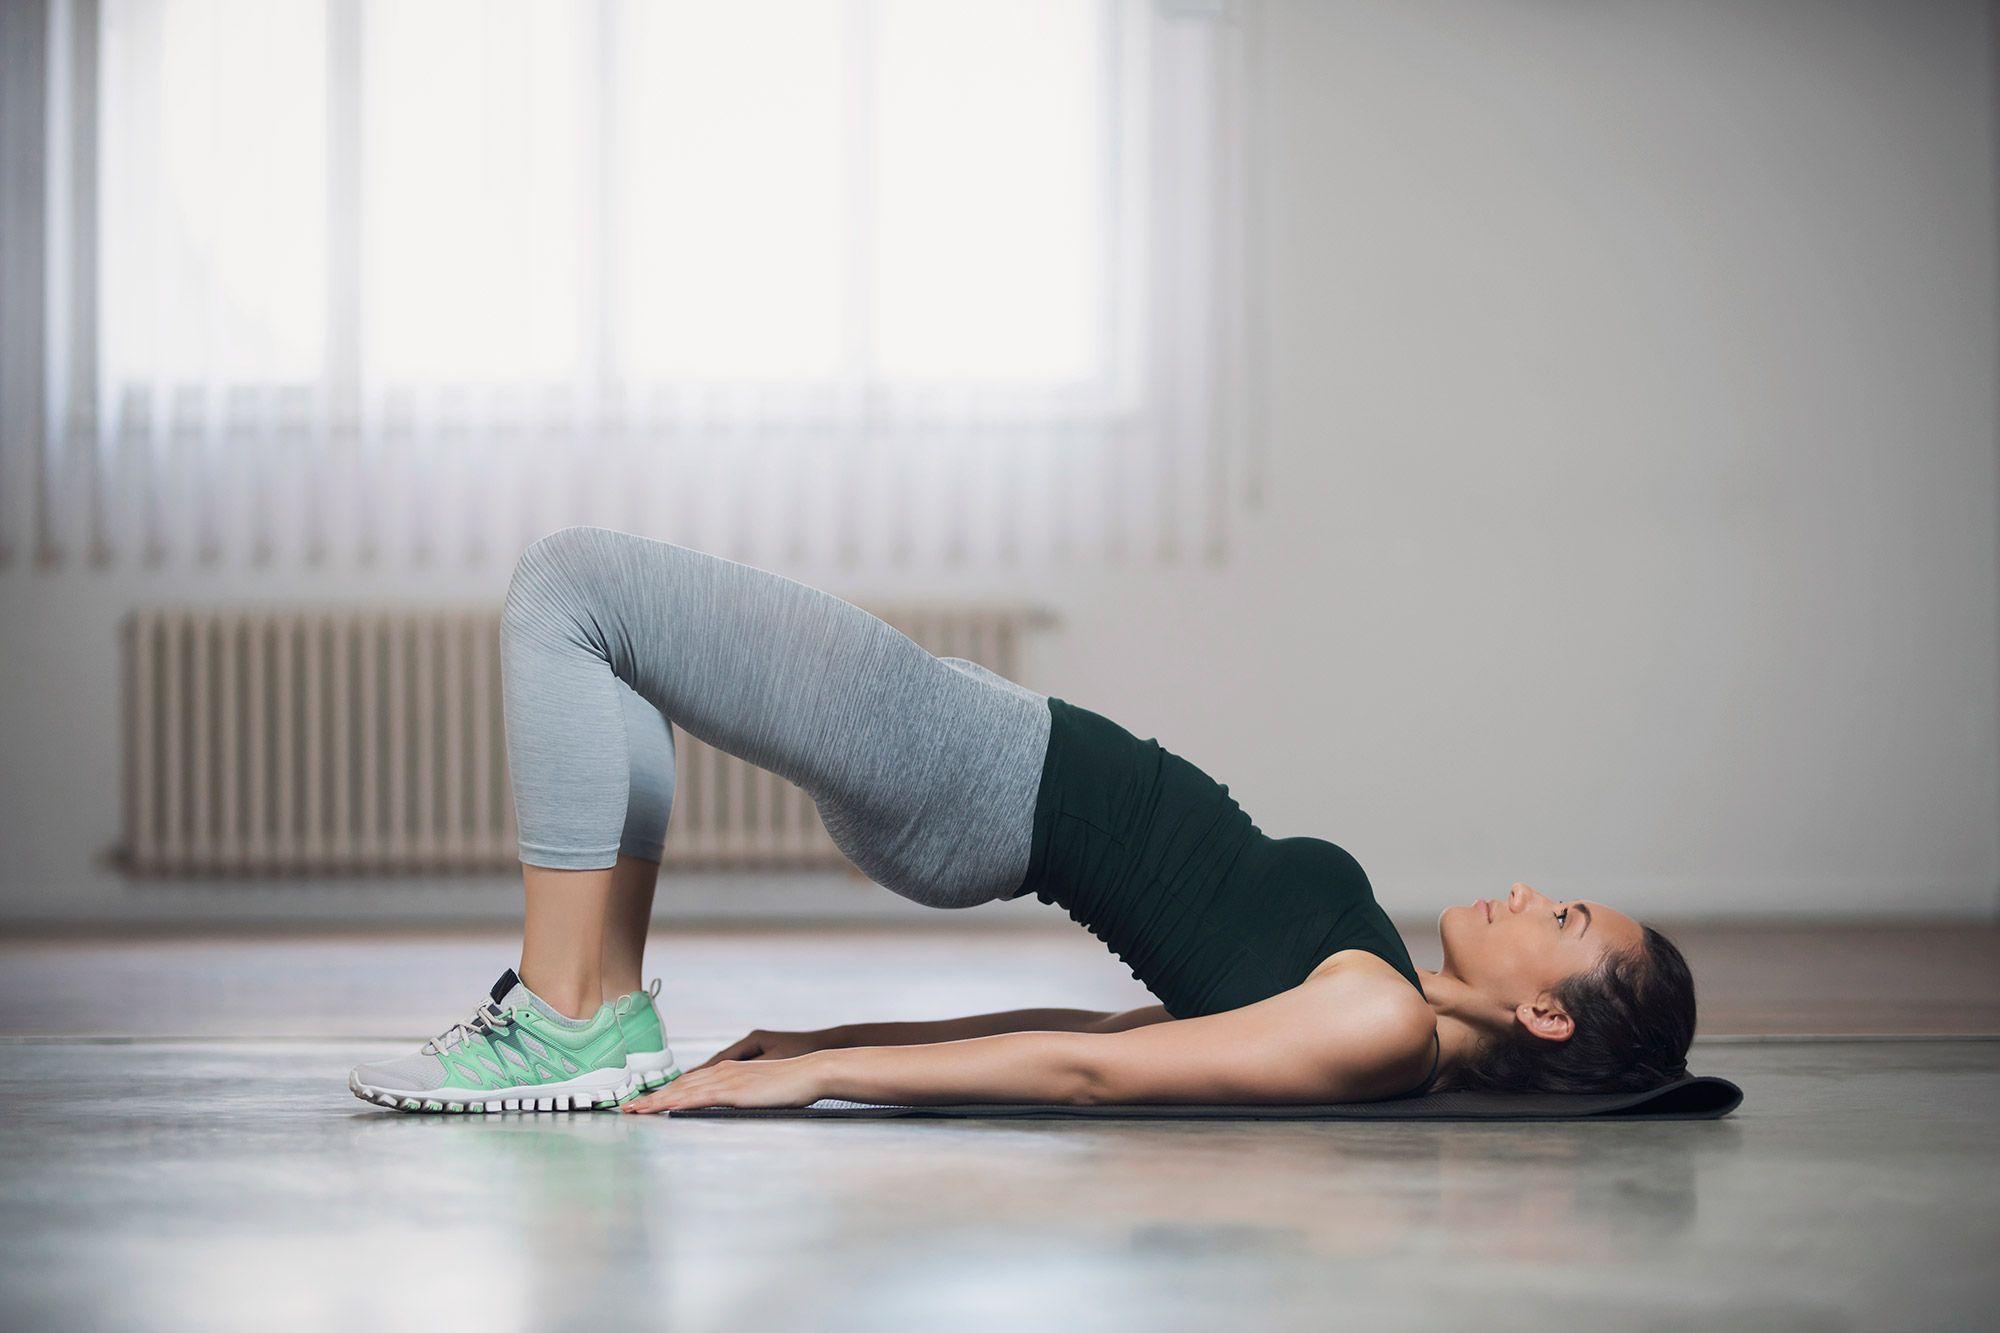 El piernas rutina gym para en tonificar